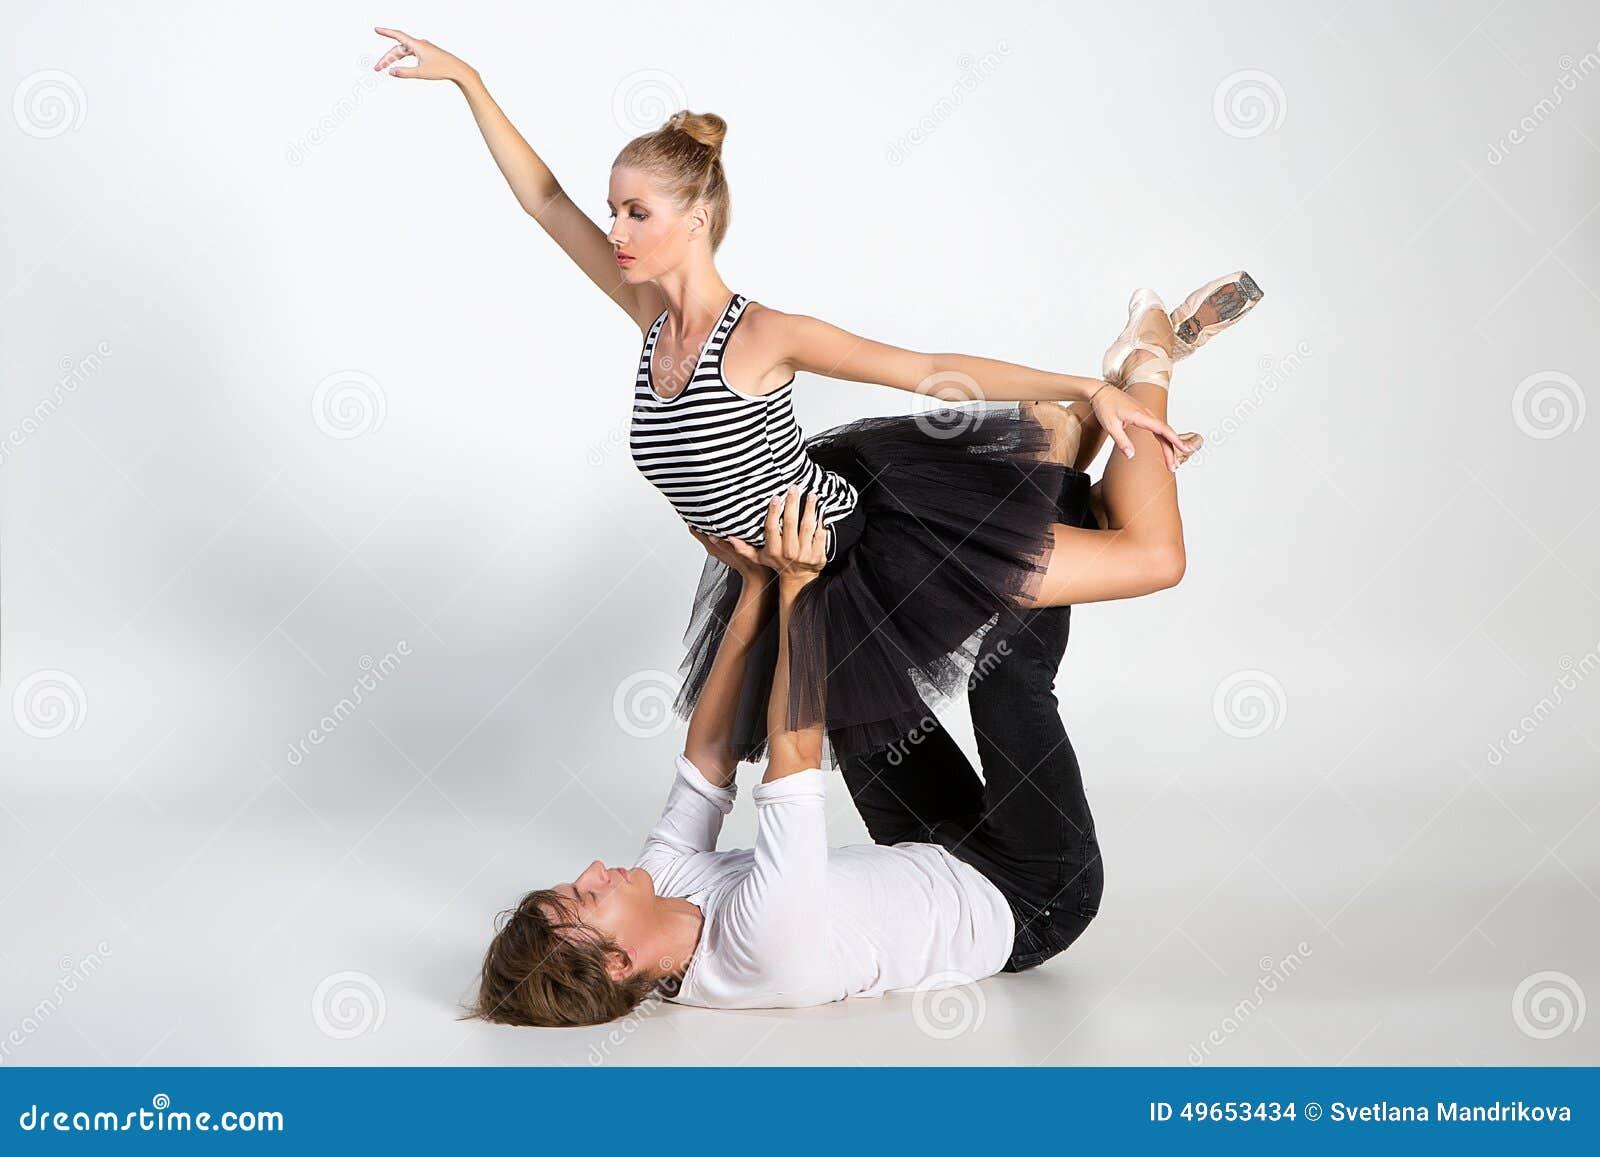 1000  ideas about Ballet Couple on Pinterest | Couple Illustration ...